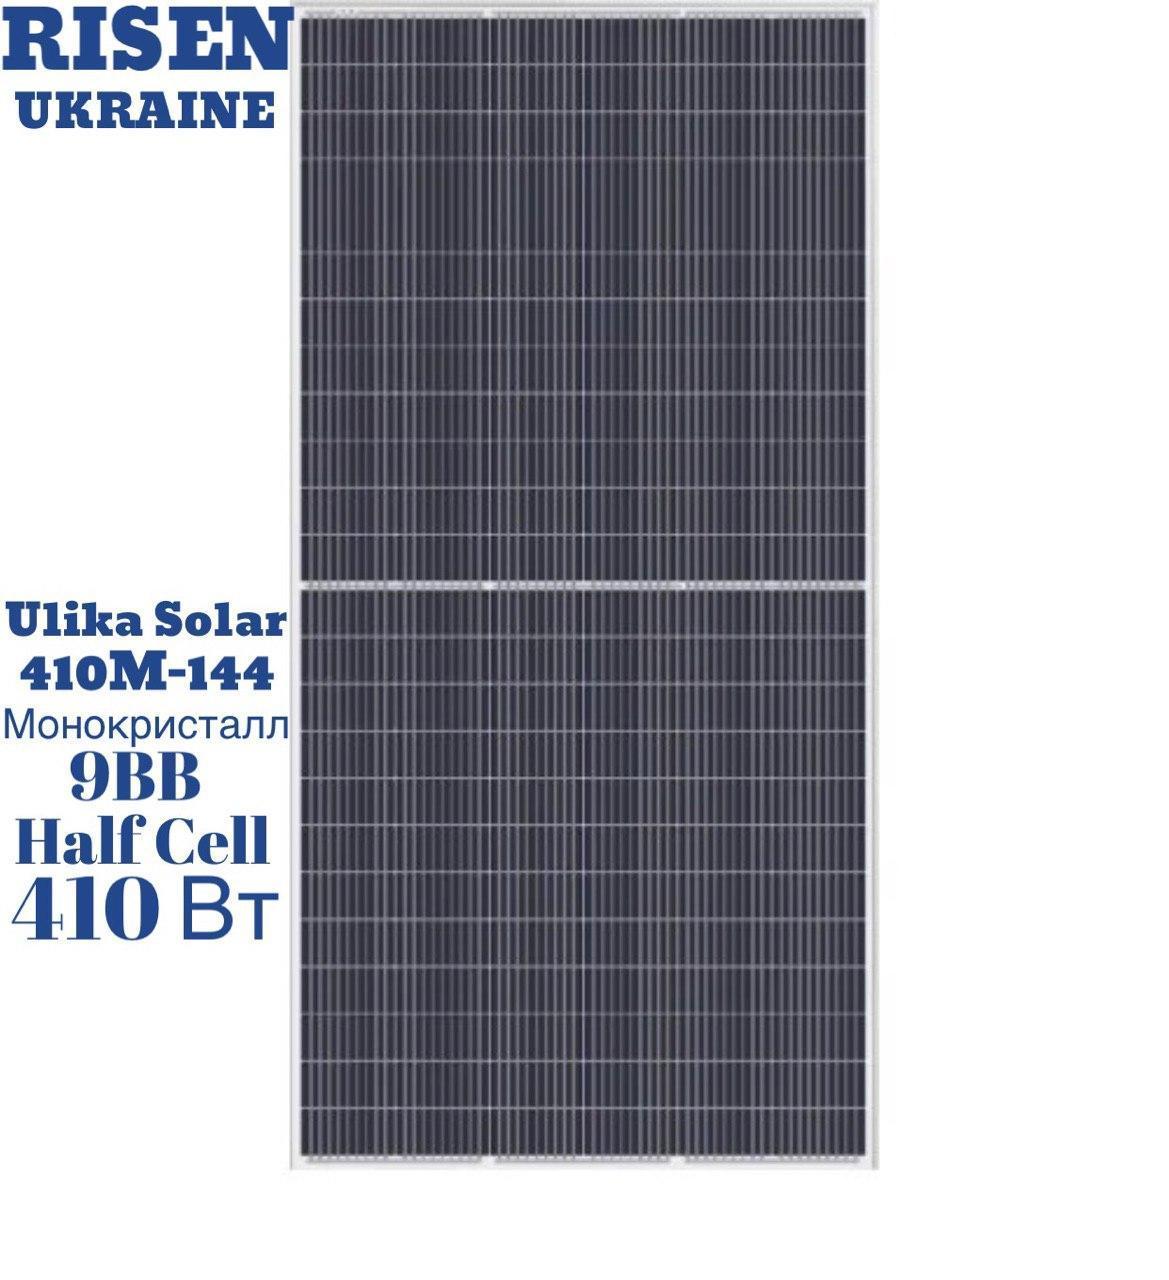 Солнечная панель Ulica Solar UL-410M-144 Half Cell 9BB, 410Вт, 24В, монокристал